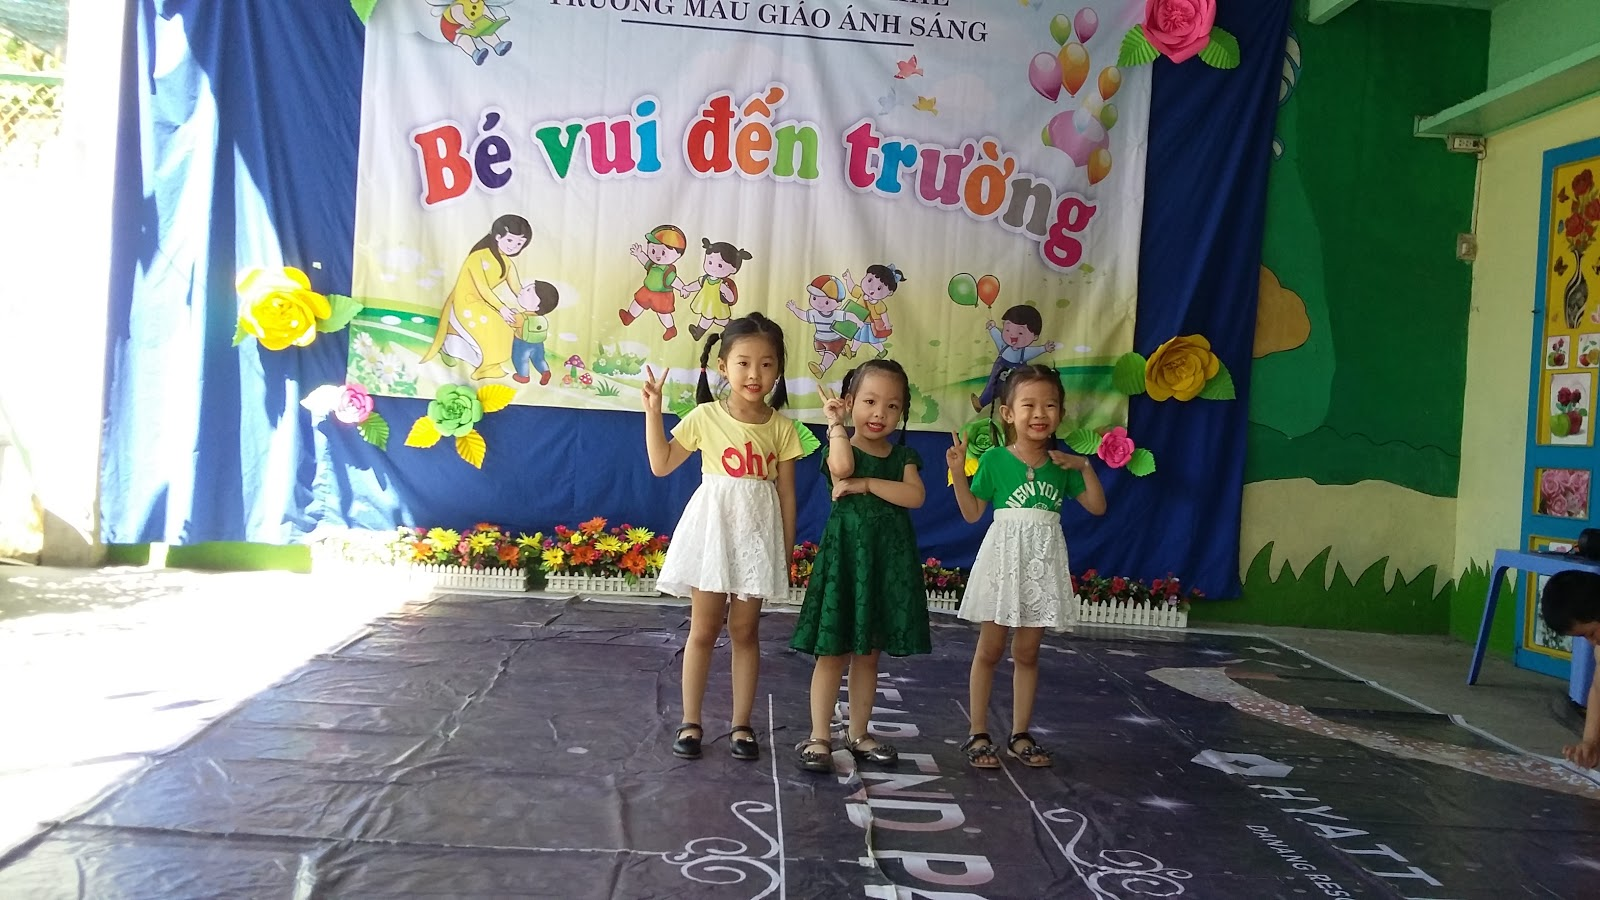 Ngày hội Bé vui đến trường. Năm học 2018 - 2019